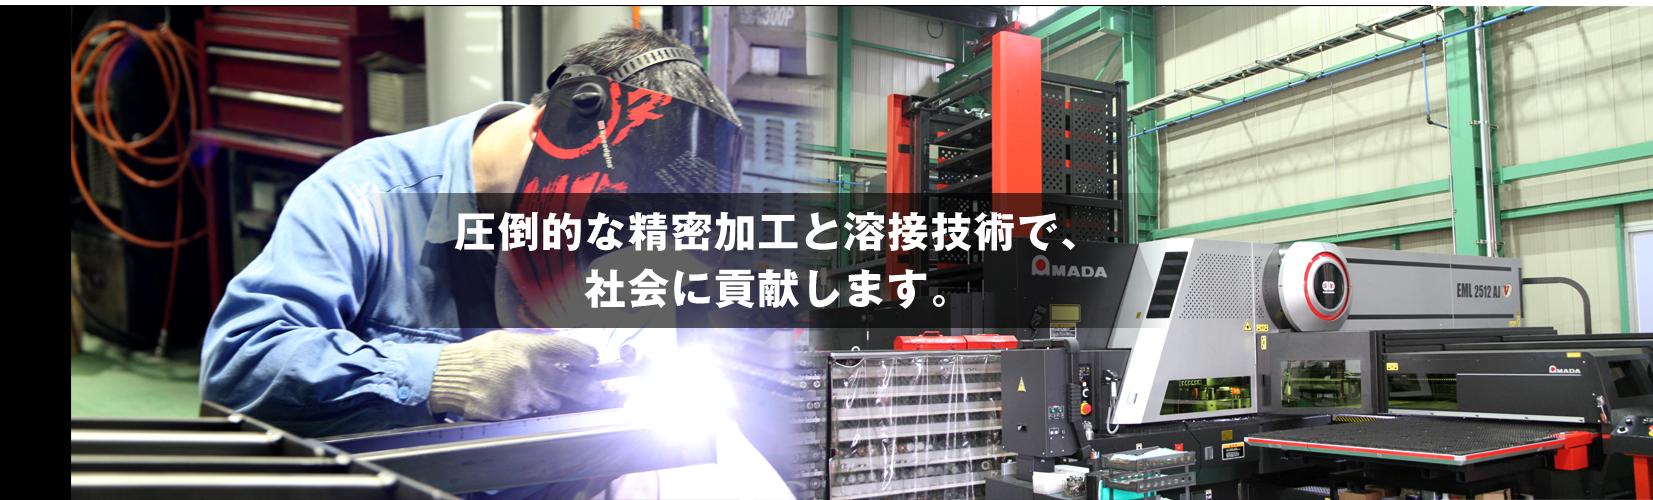 圧倒的な精密加工と溶接技術で、社会に貢献します。